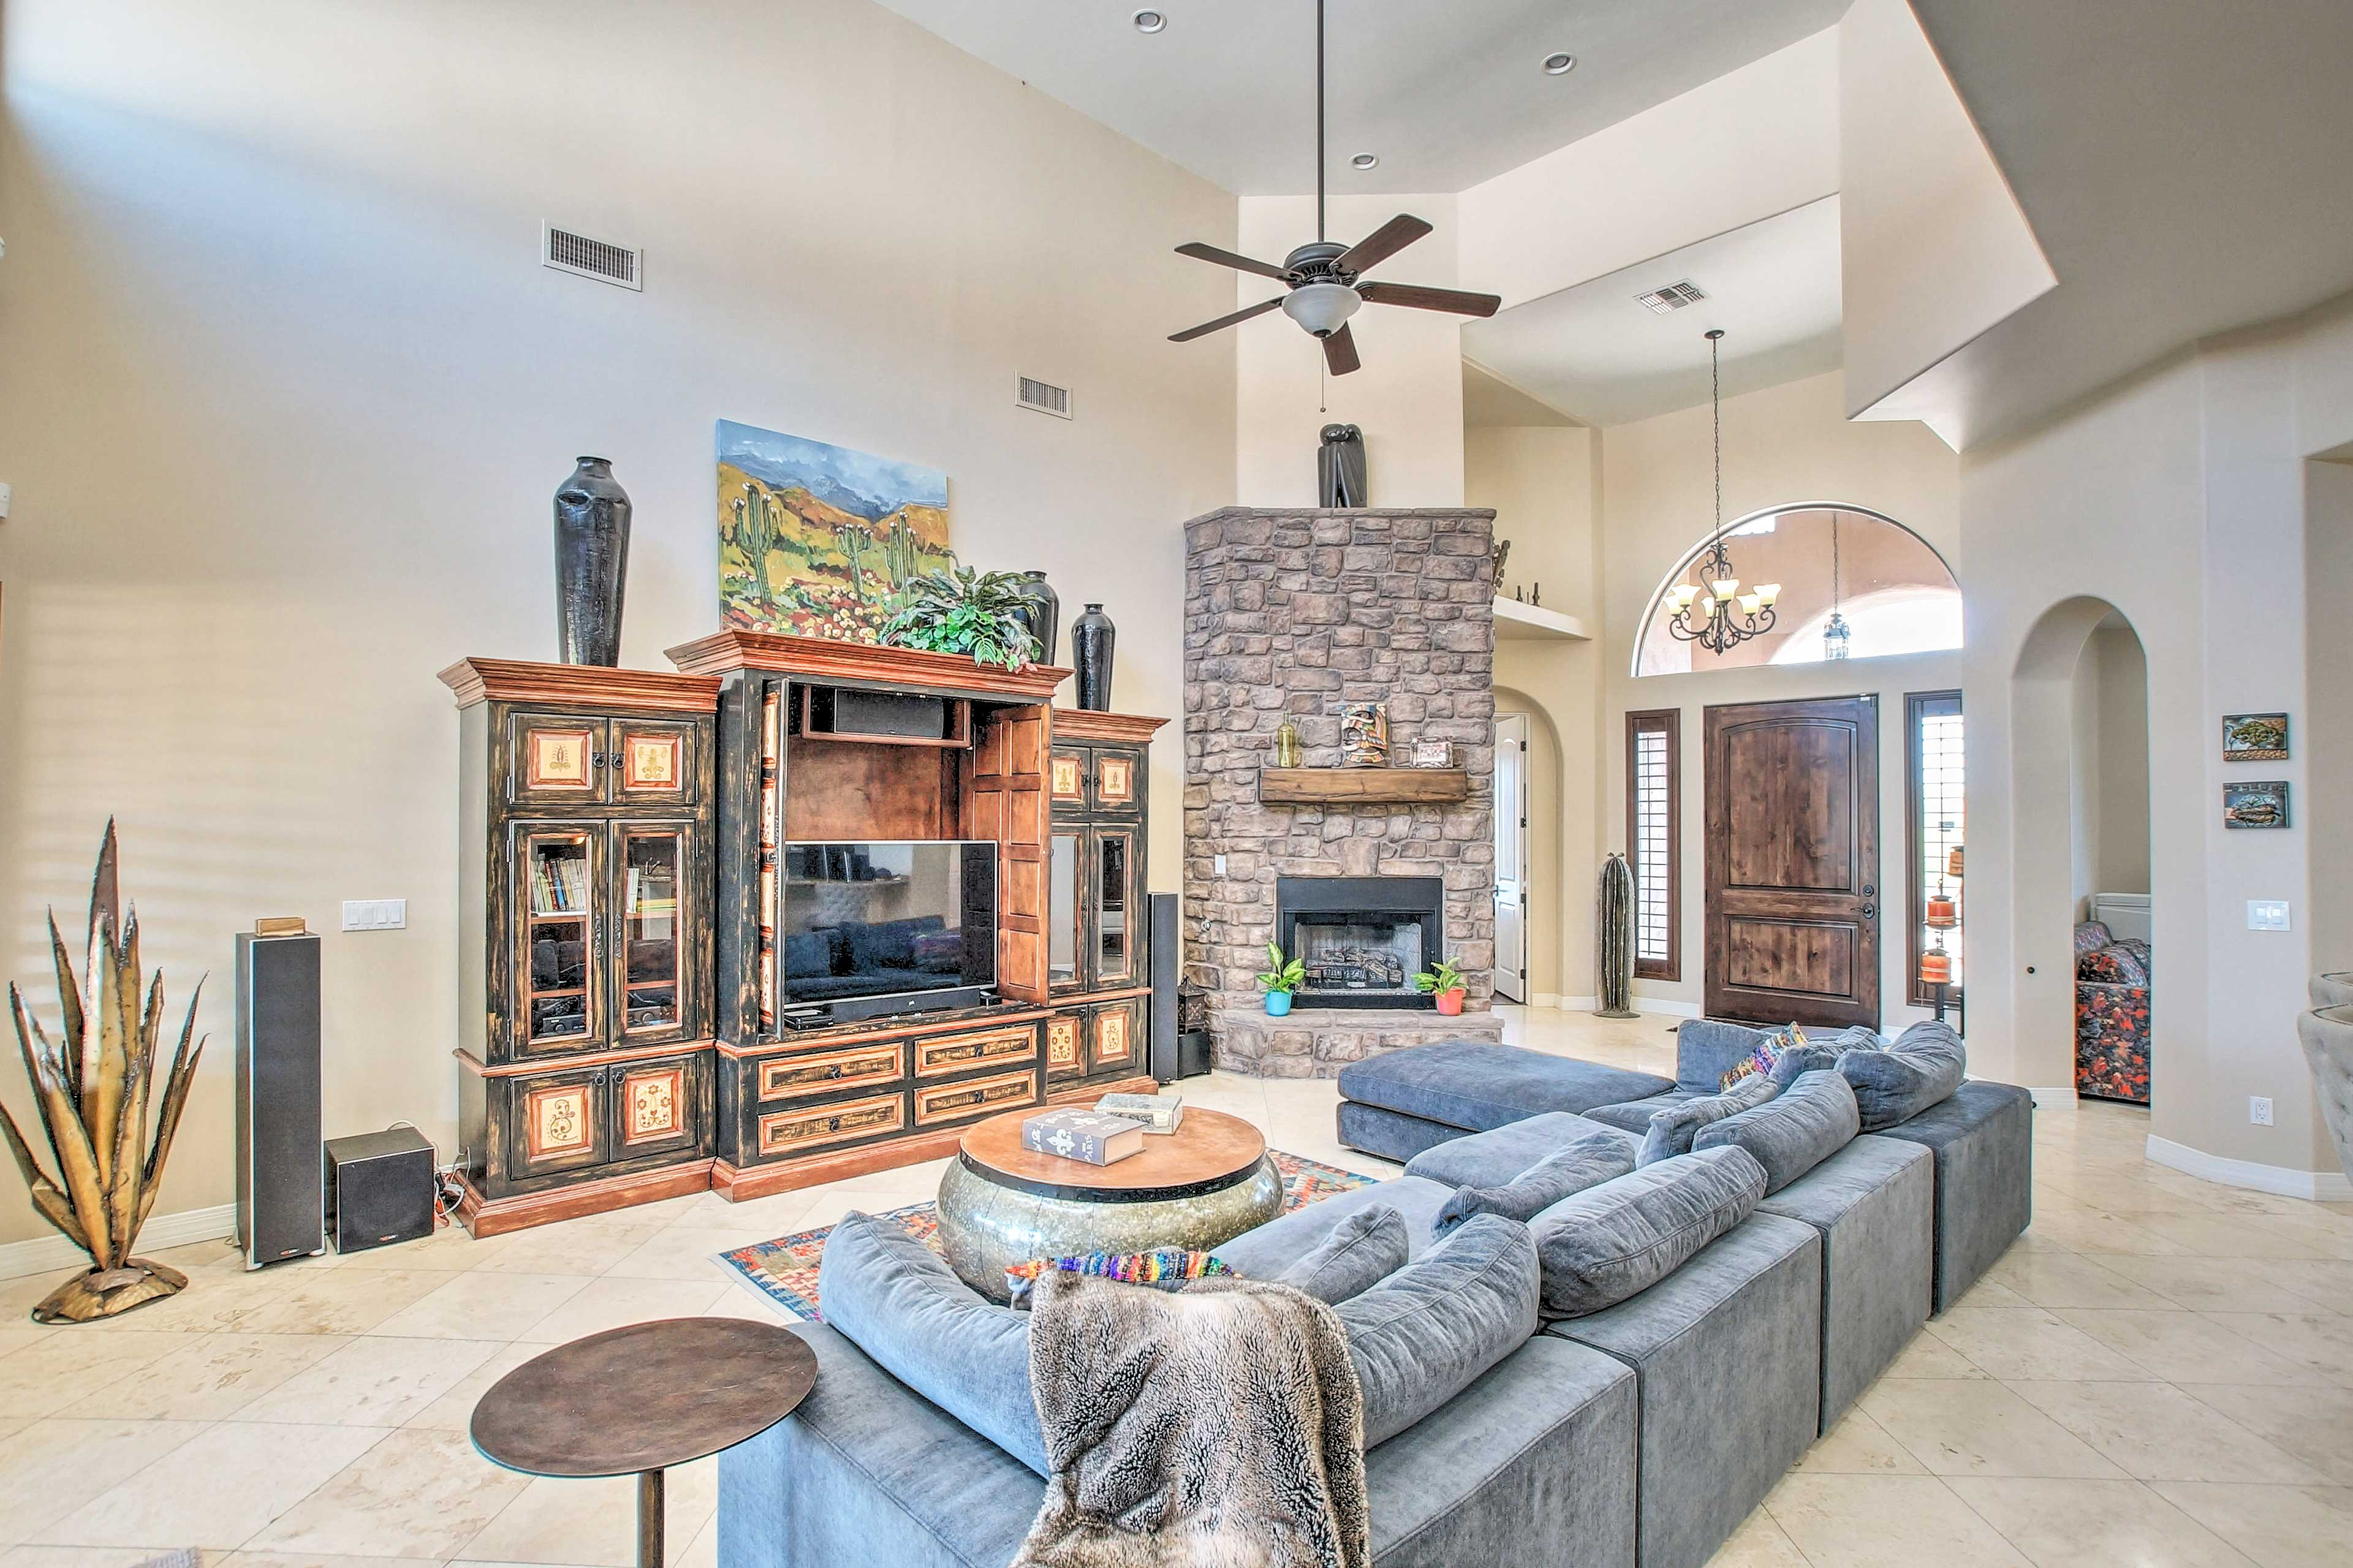 Unwind in this lavish 5-bedroom, 4-bathroom vacation rental home in Scottsdale.